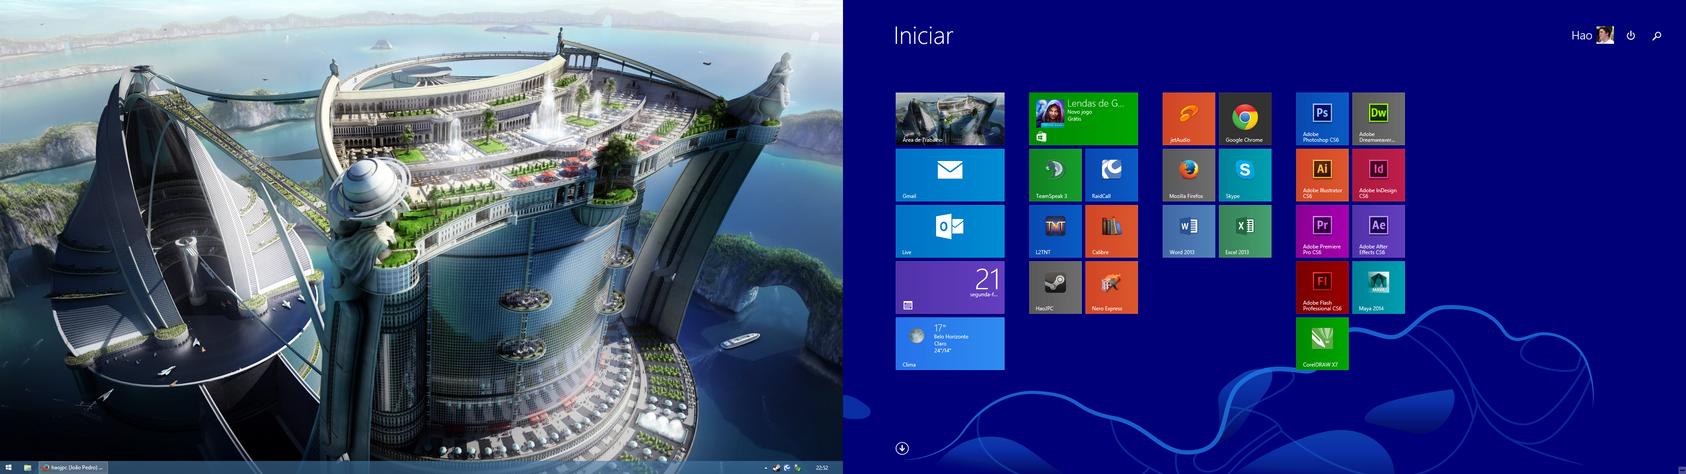 Desktop July 2014 by haojpc